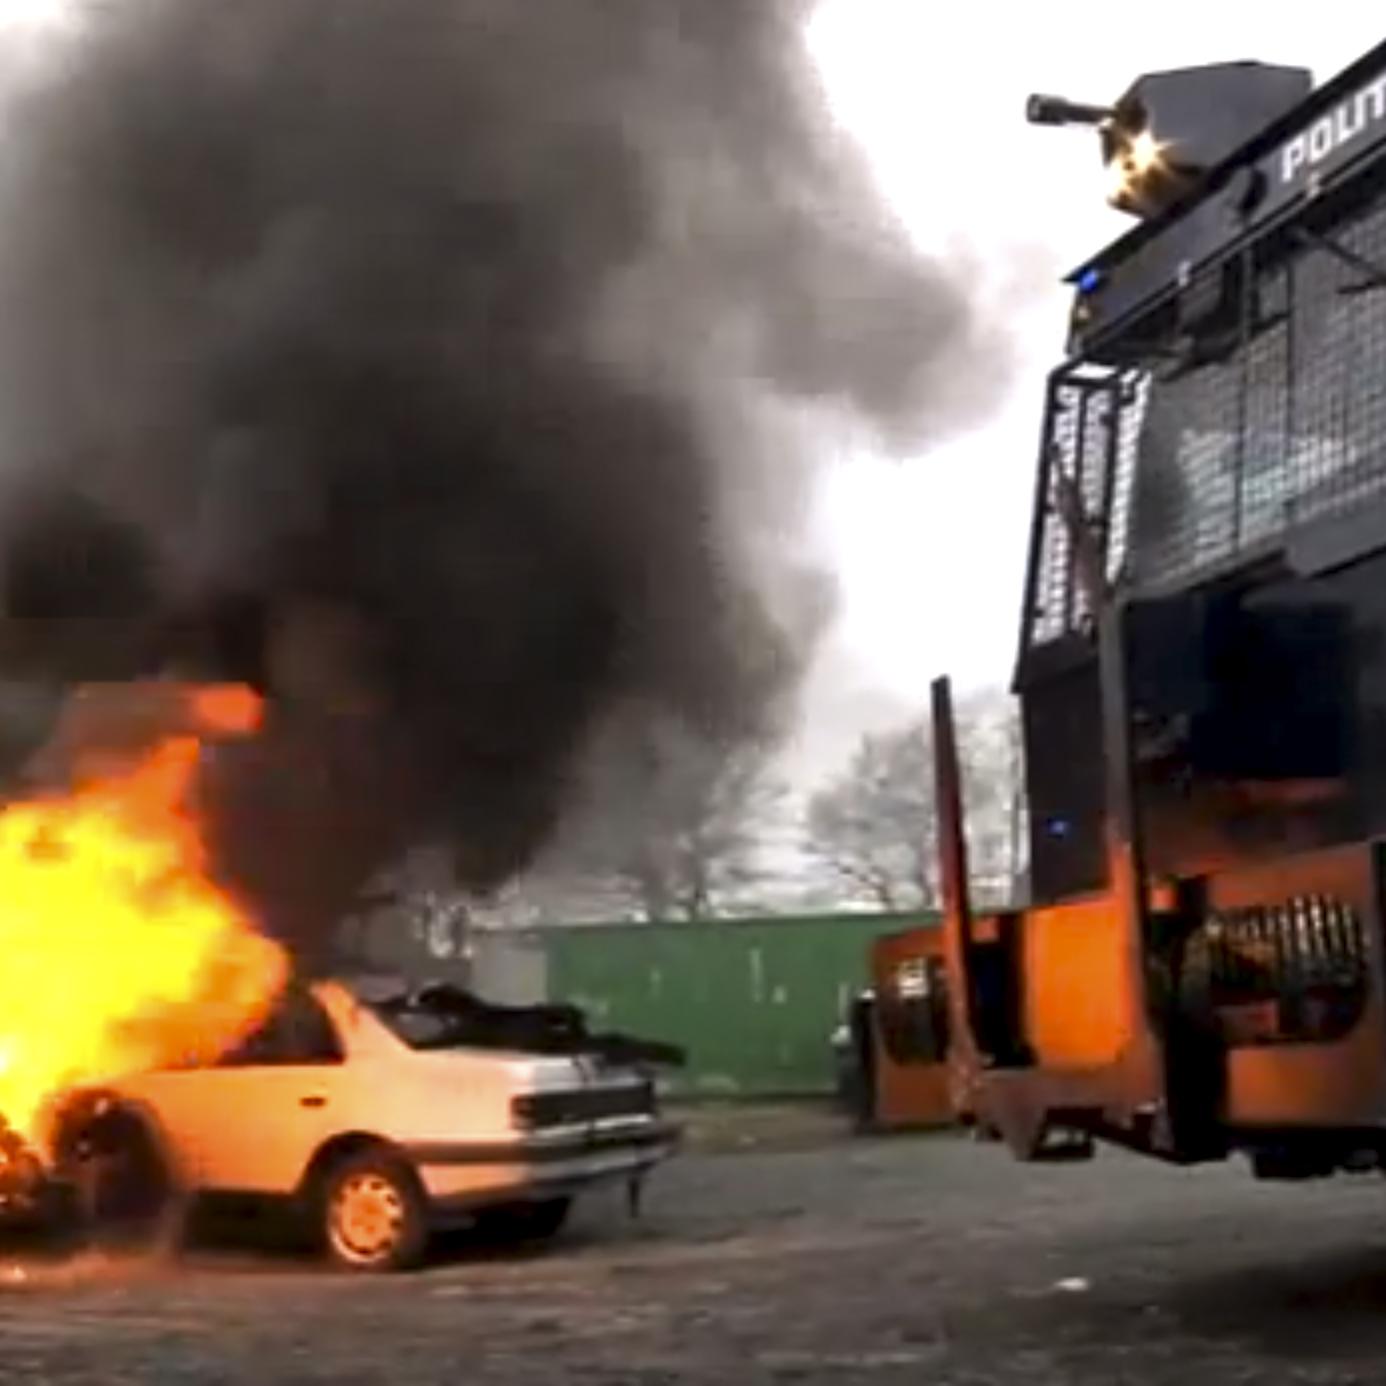 Præsentation af politiets brand- og rydningskøretøj